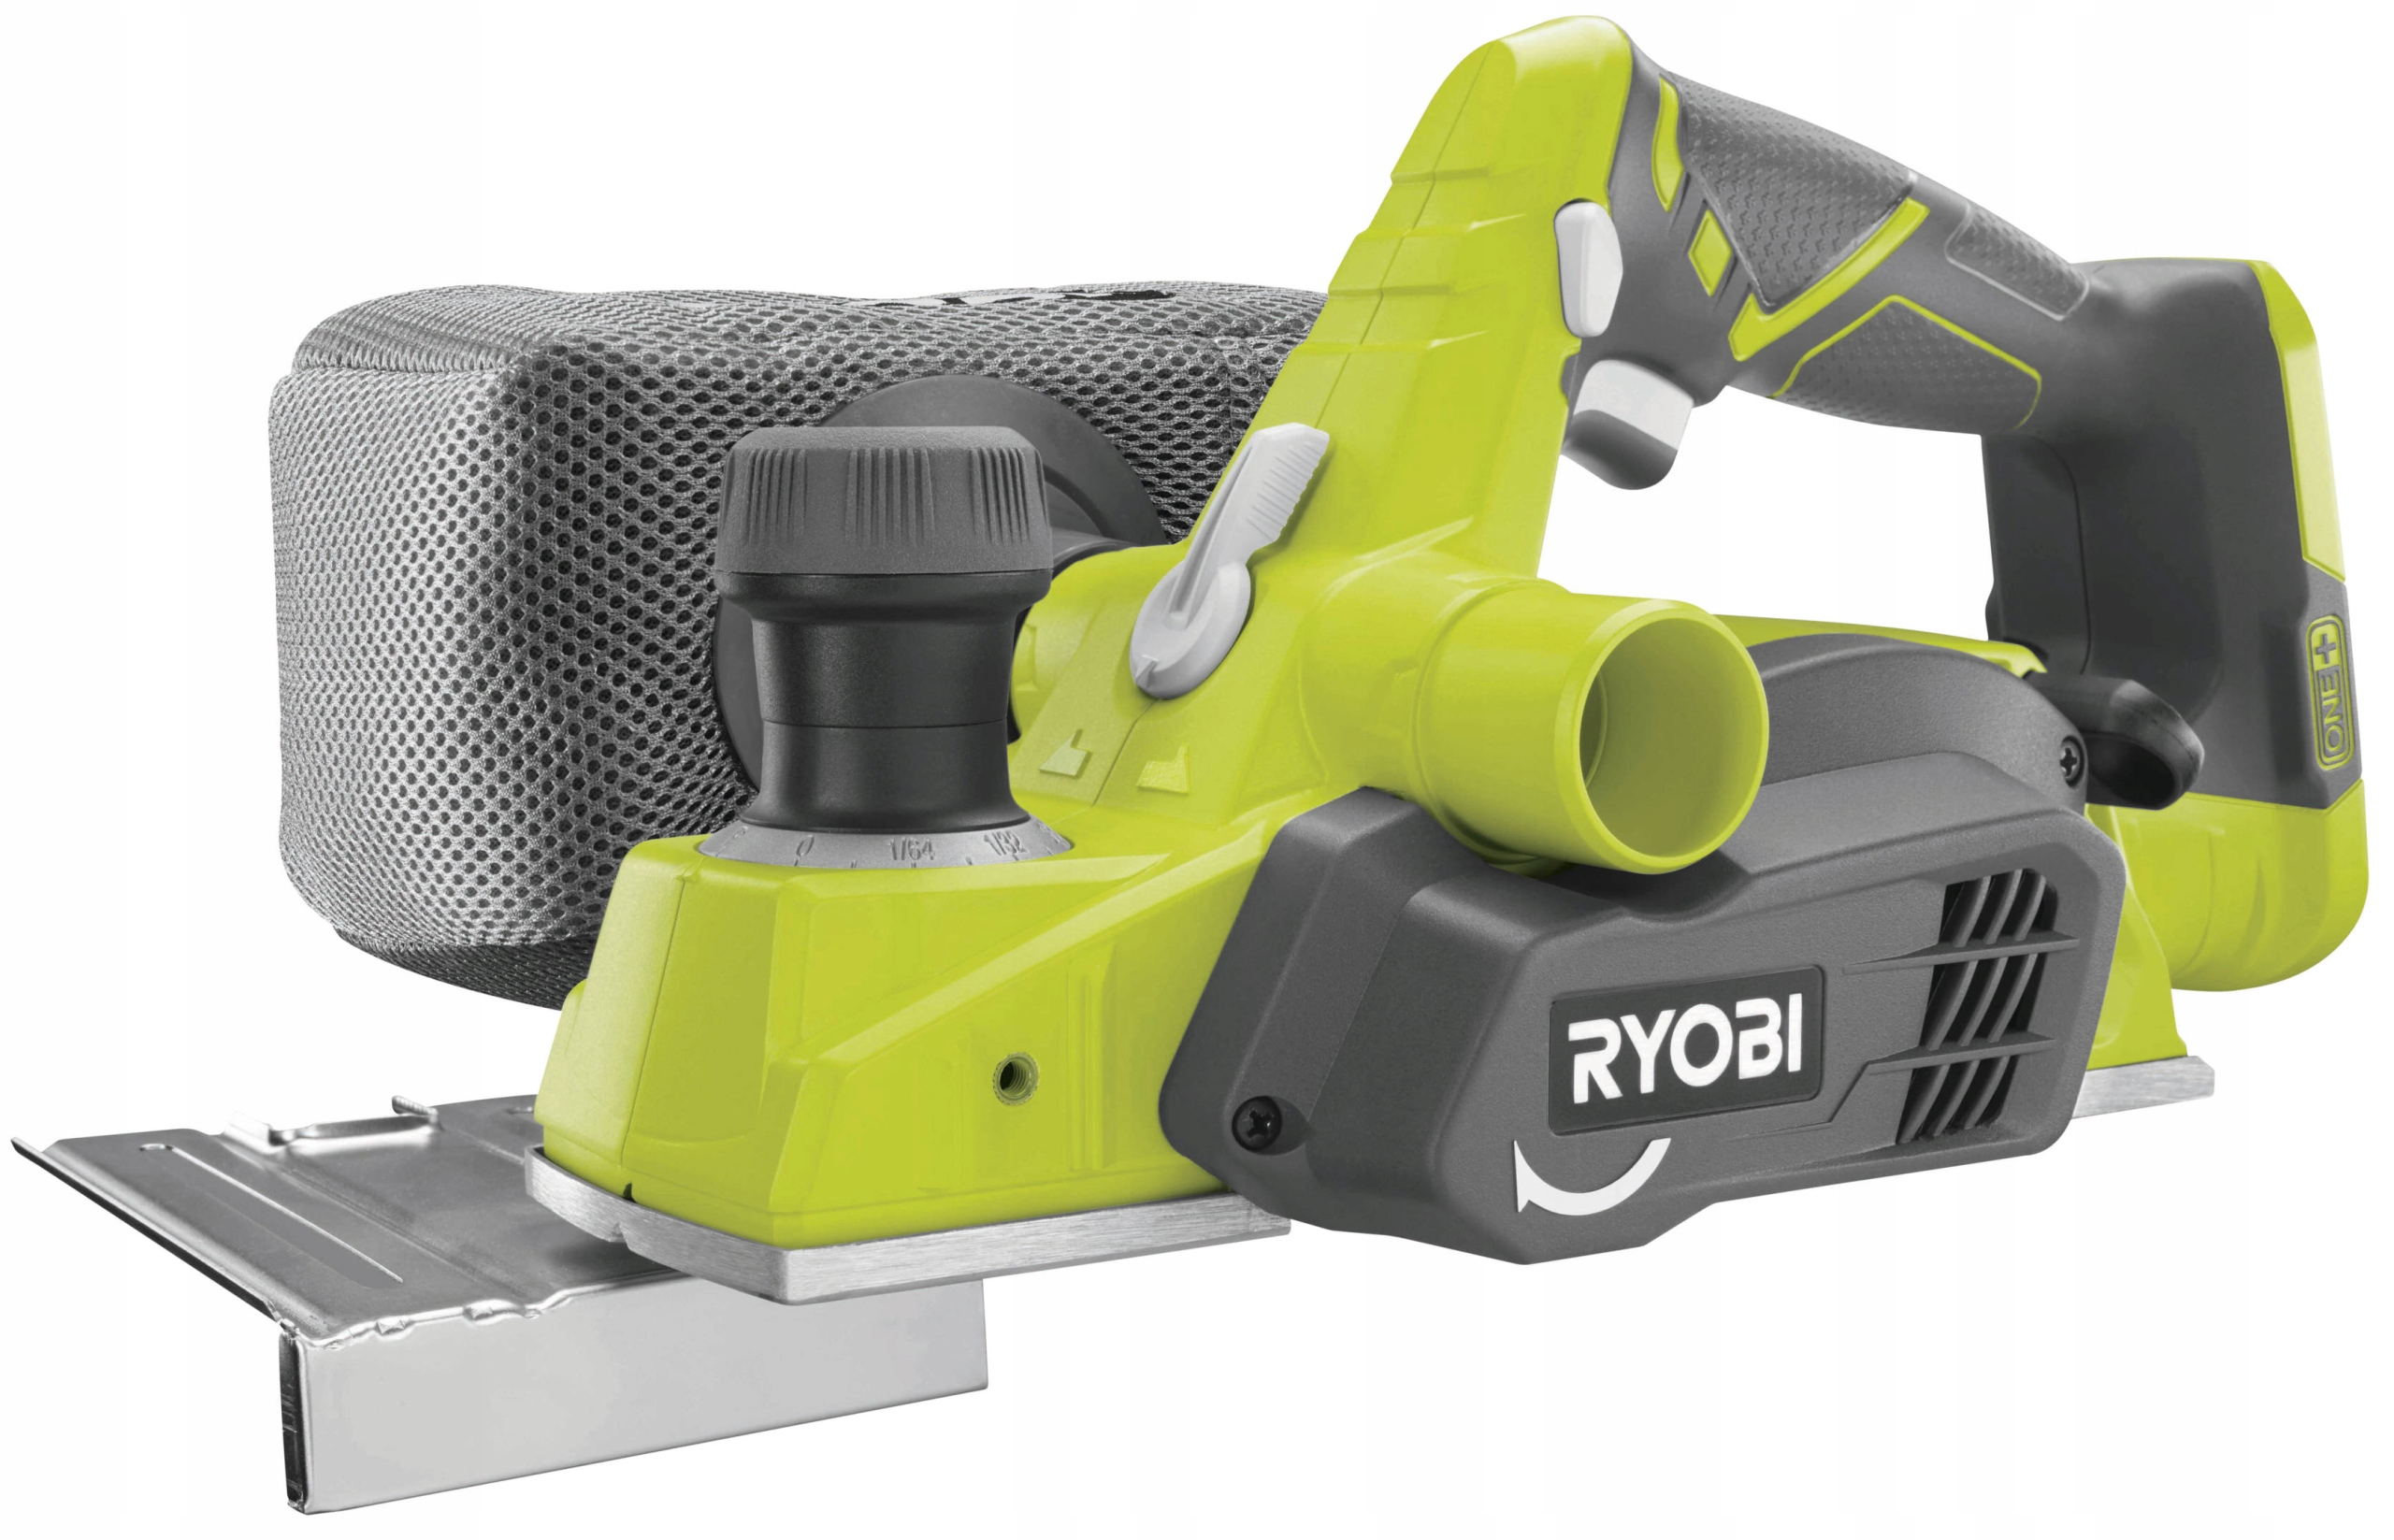 STRUG AKUMULATOROWY RYOBI ONE+ 18V R18PL-0 ONE+